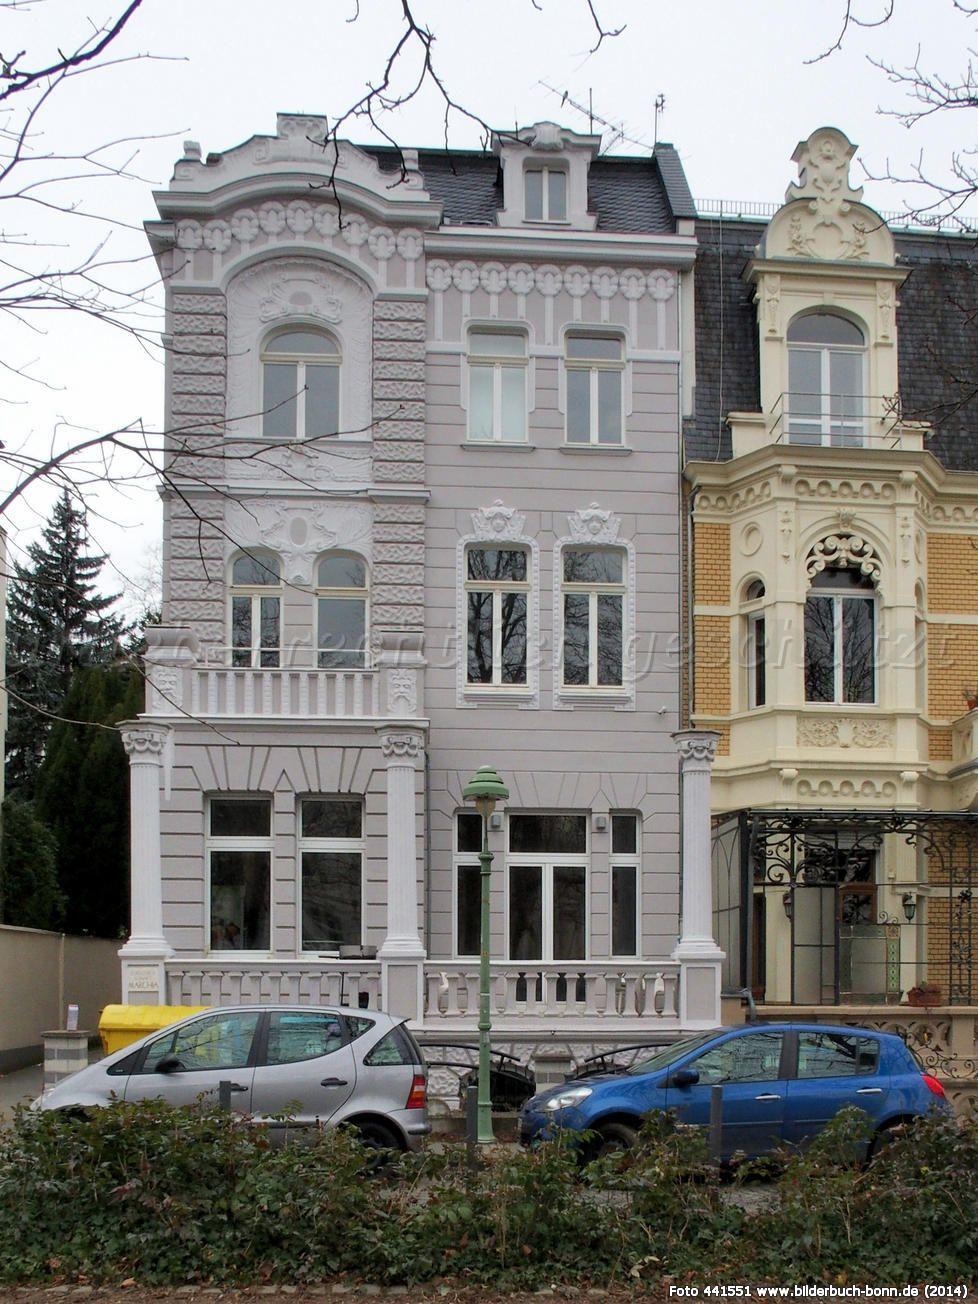 Bonn, Südstadt Bonn, Architektur, Haus